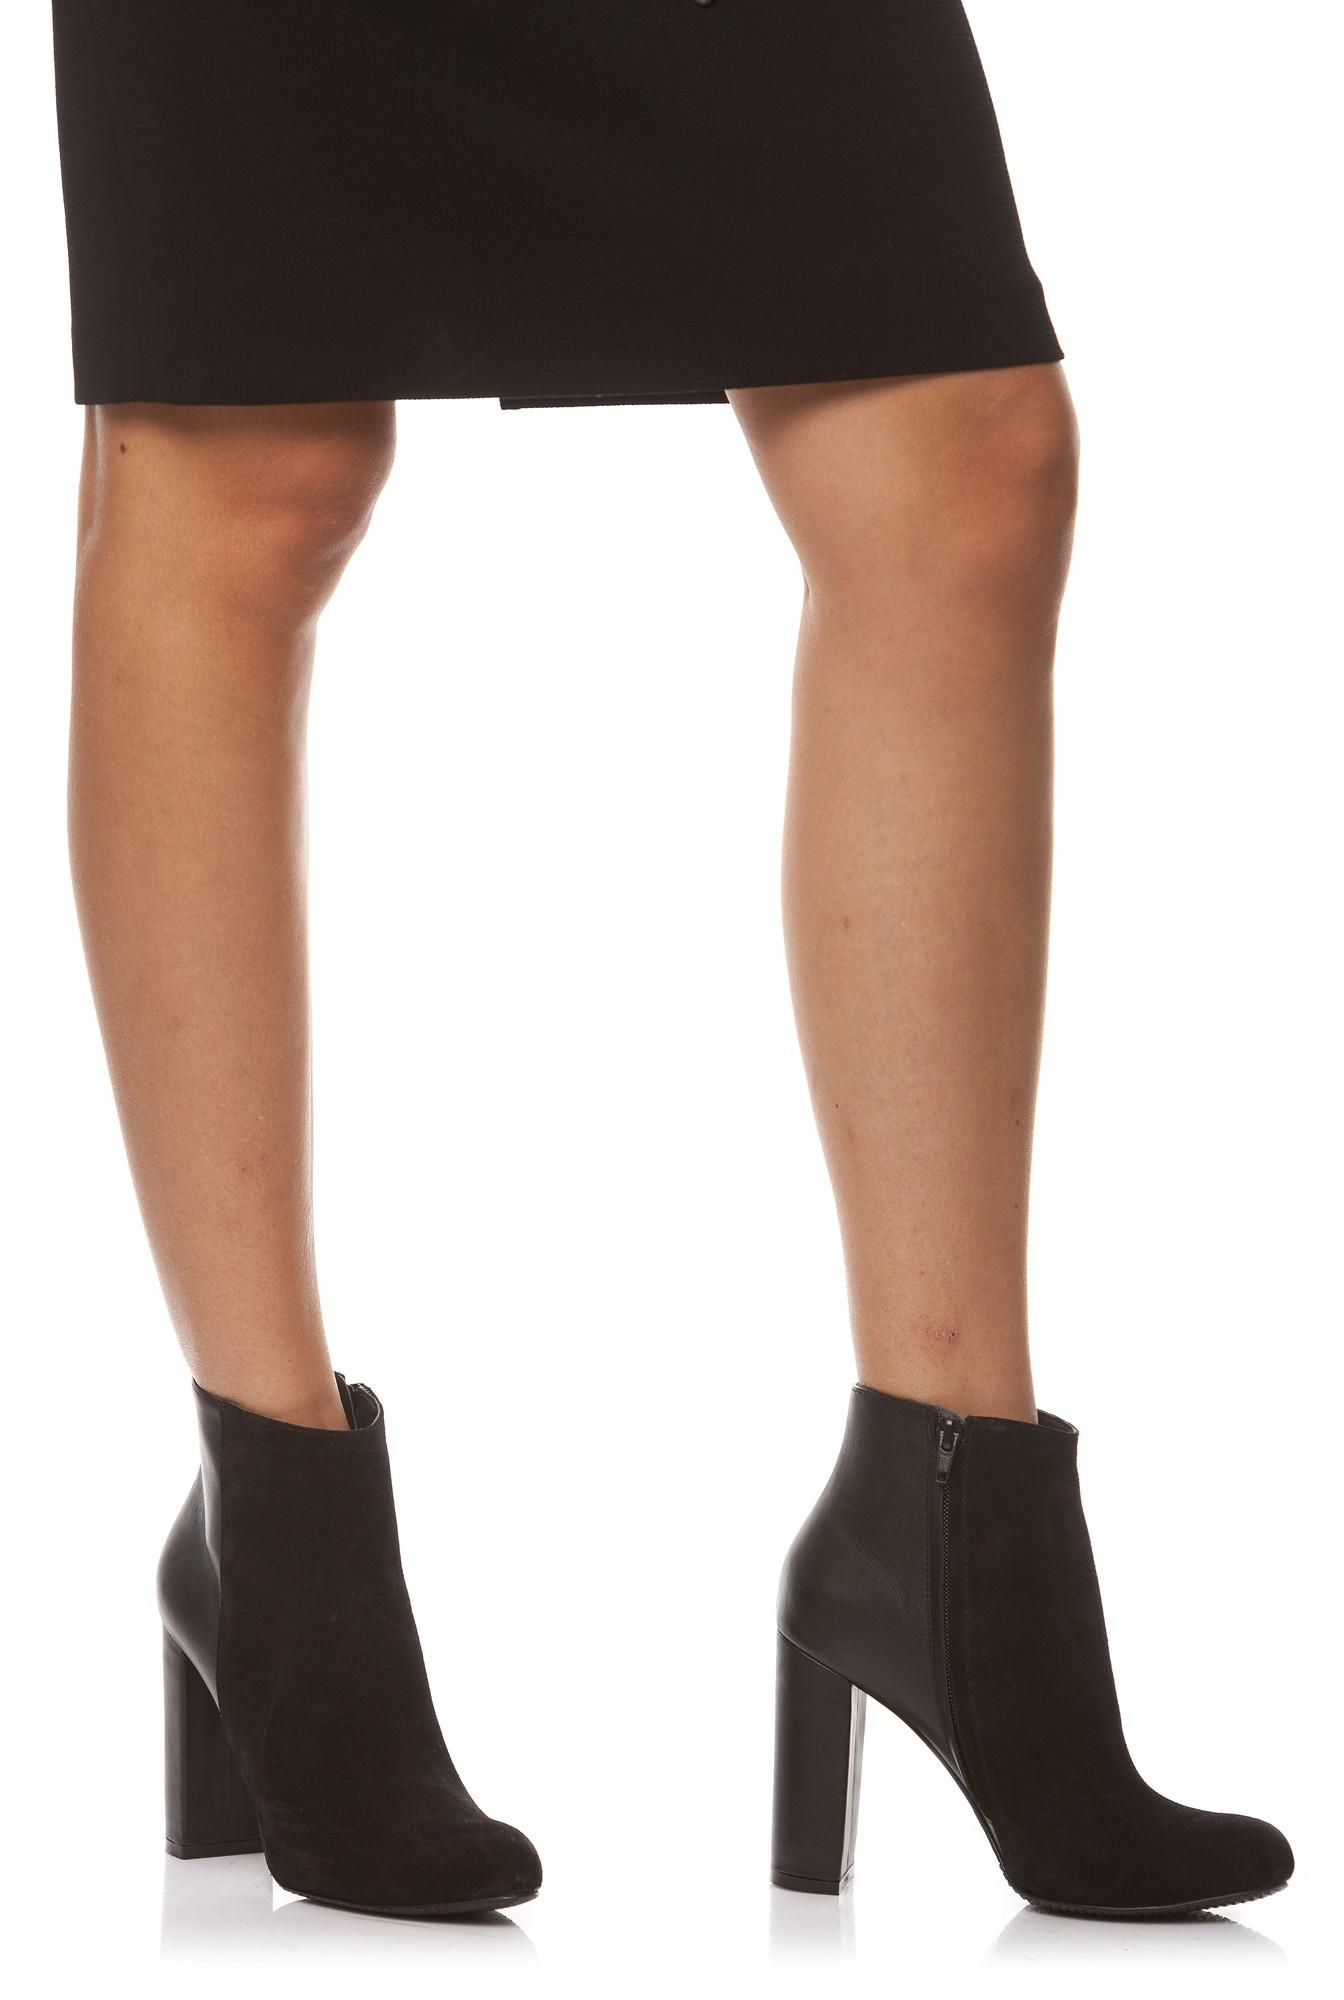 Produse noi preț uimitor magazin online Tendințe în materie de încălțăminte pentru femei în sezonul toamnă ...